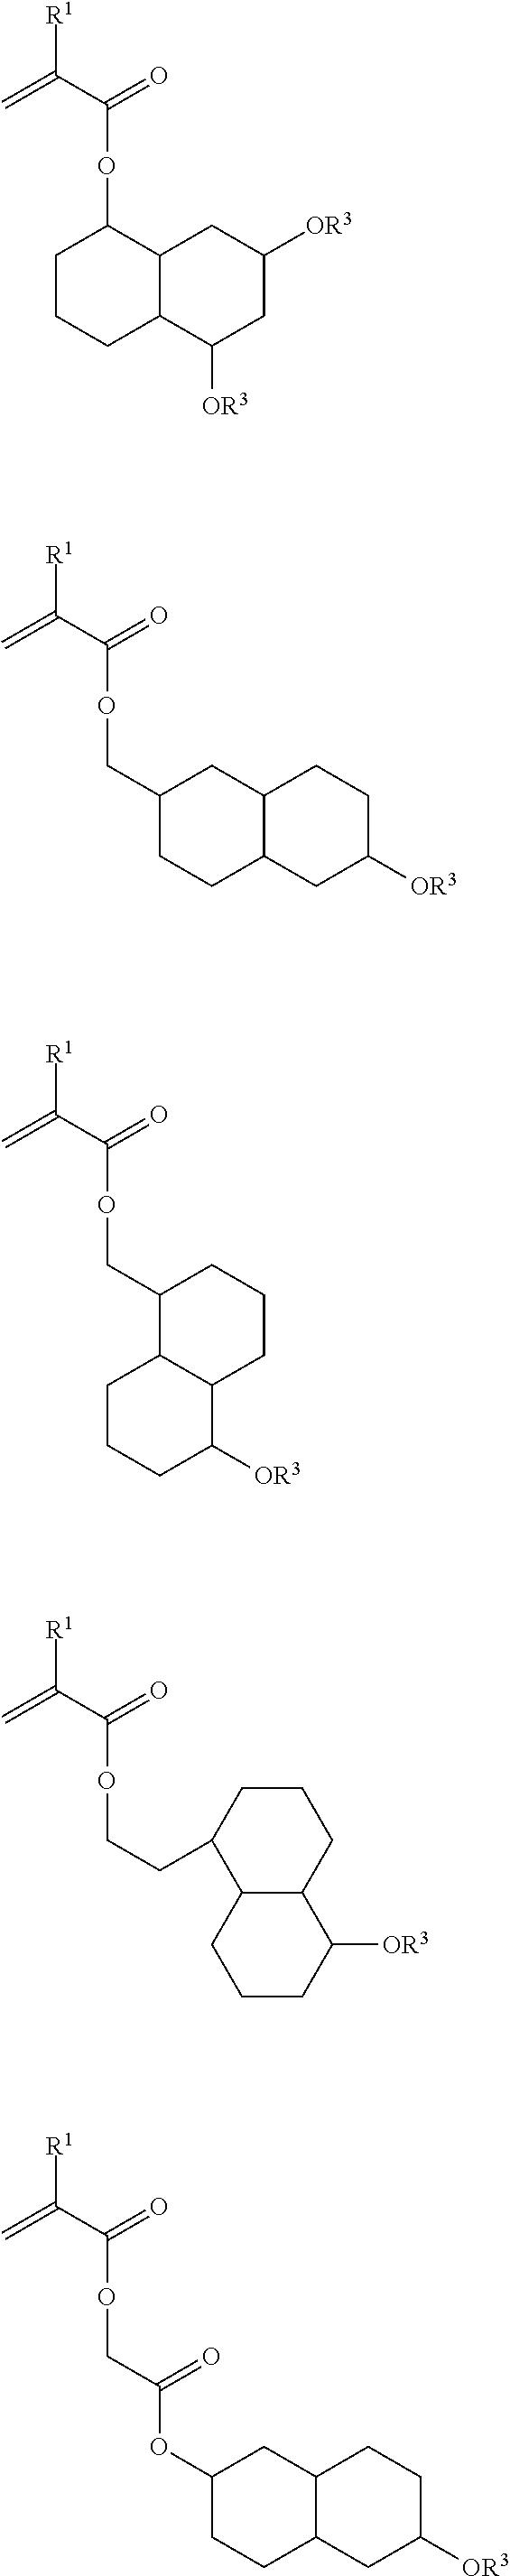 Figure US08822136-20140902-C00017